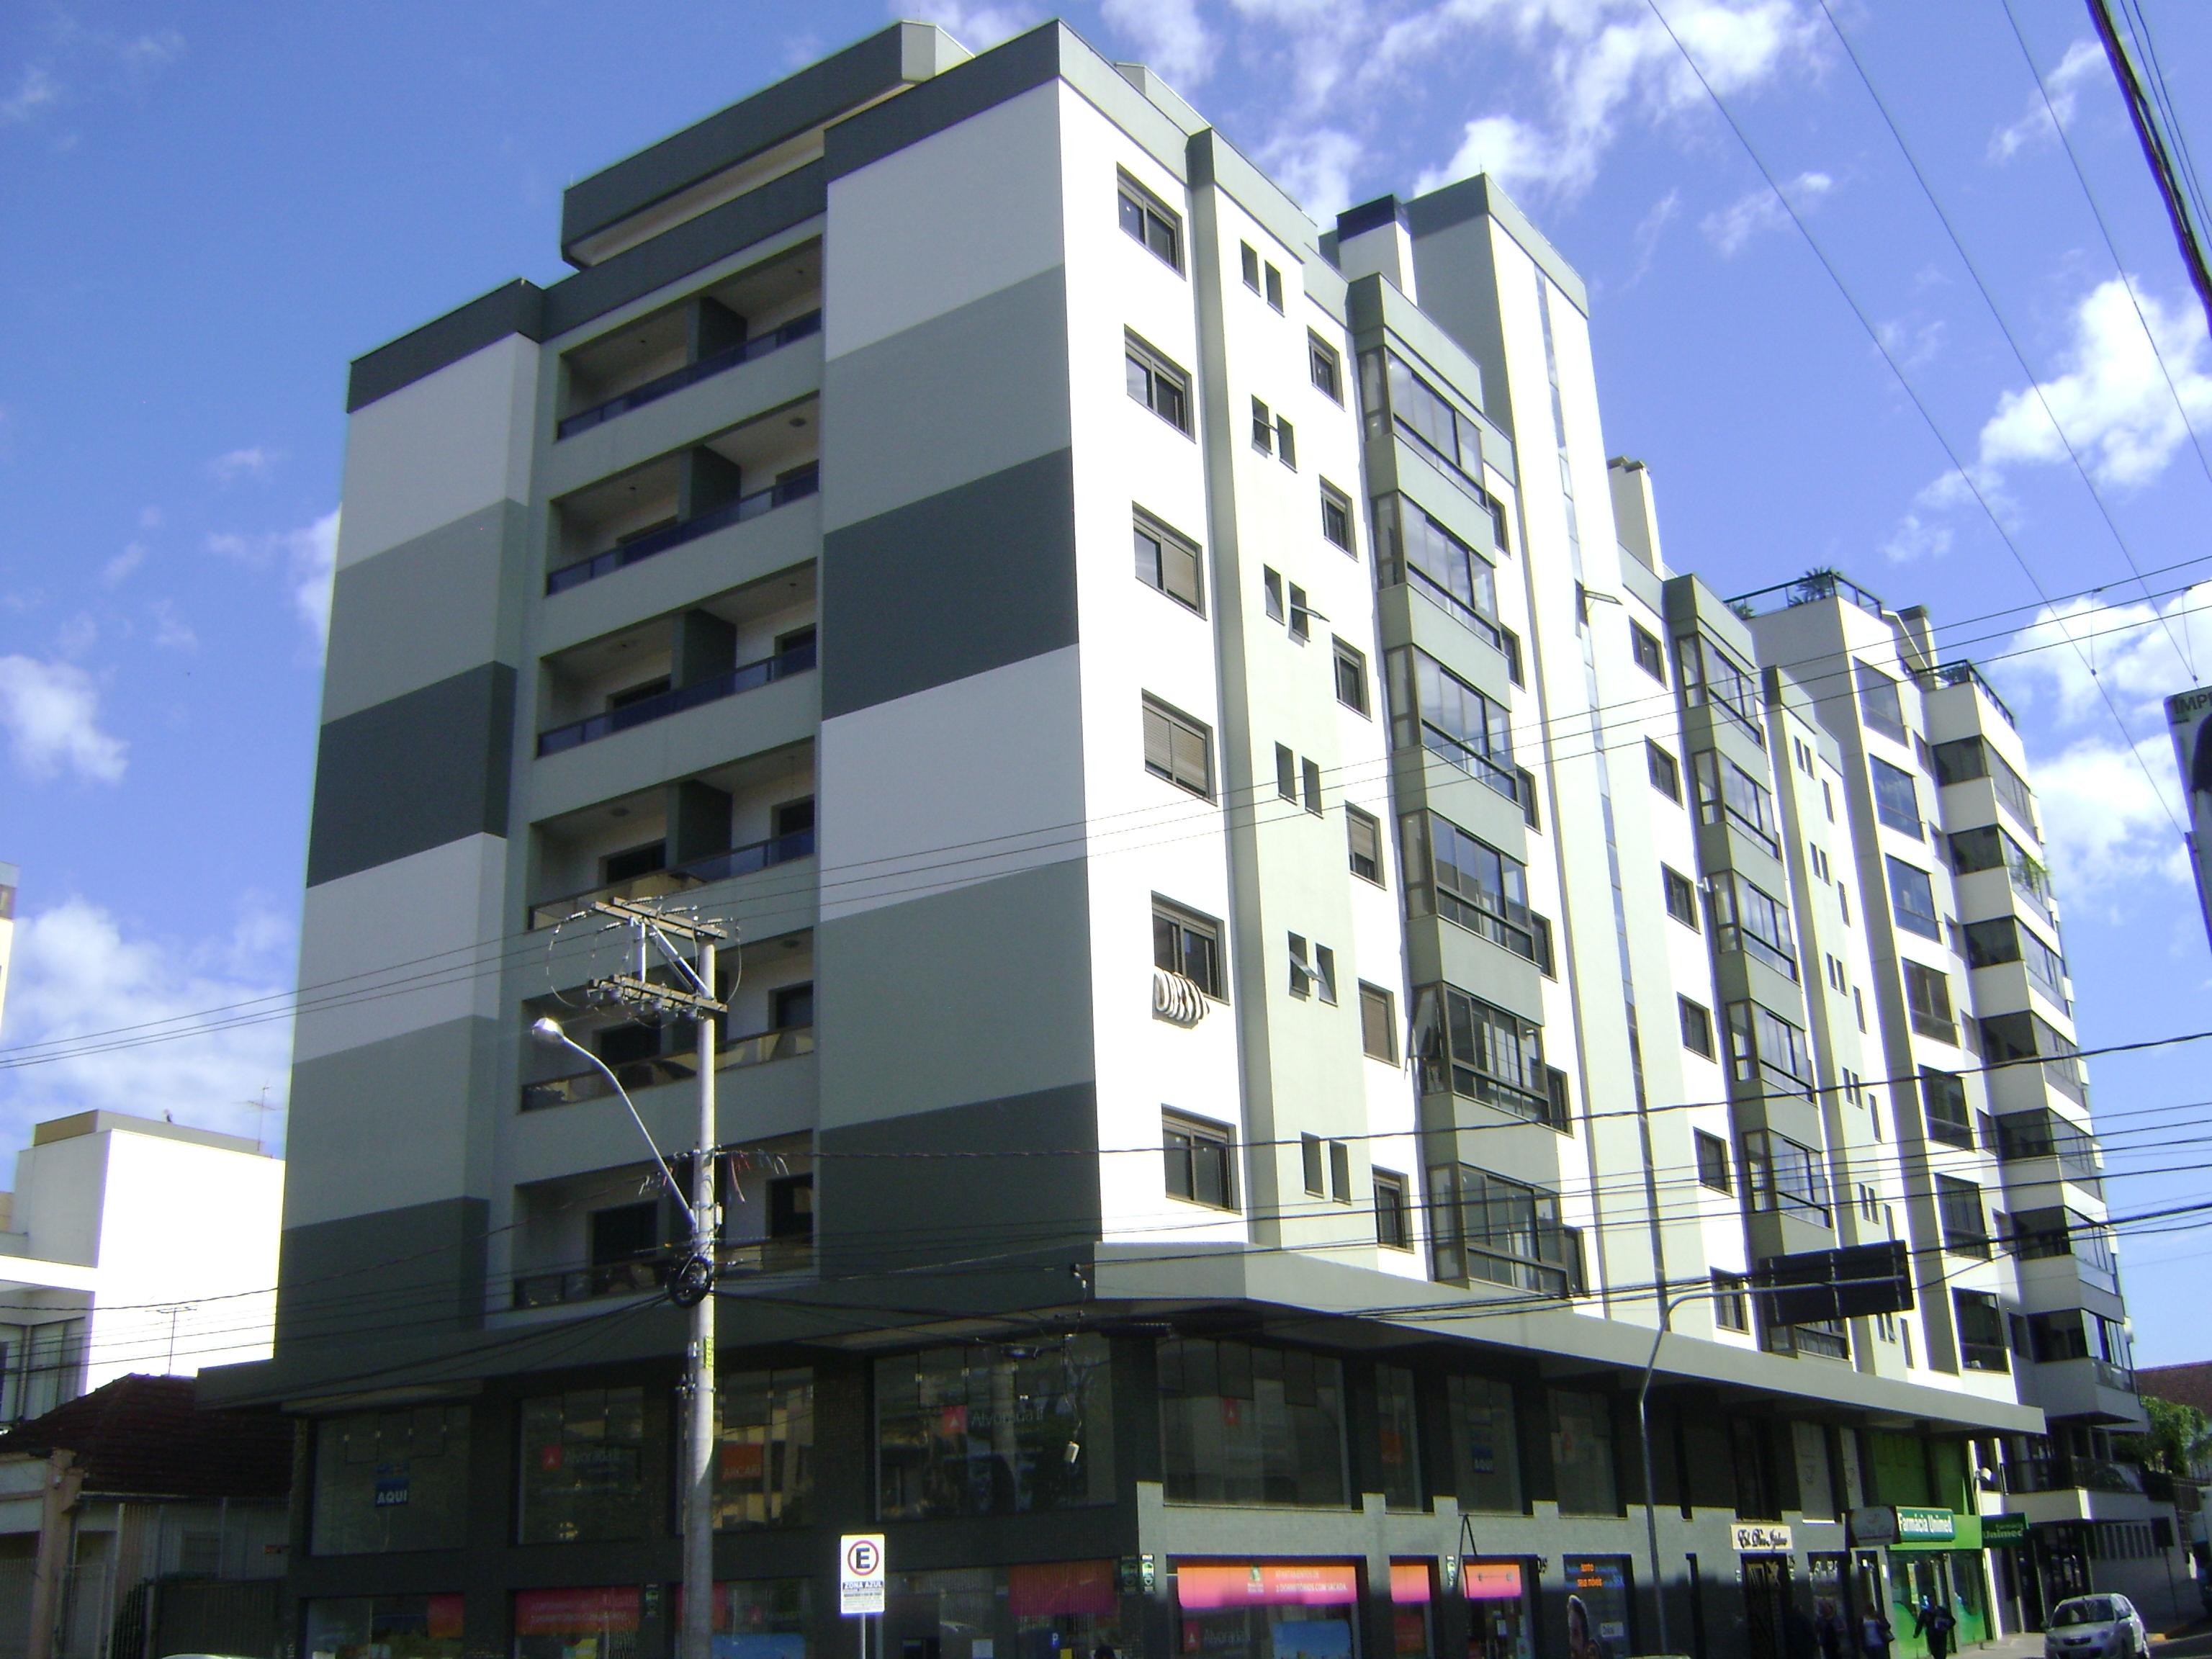 Apto 3 quartos, 119 m²  no bairro CENTRO em FARROUPILHA/RS - Loja Imobiliária o seu portal de imóveis para alugar, aluguel e locação